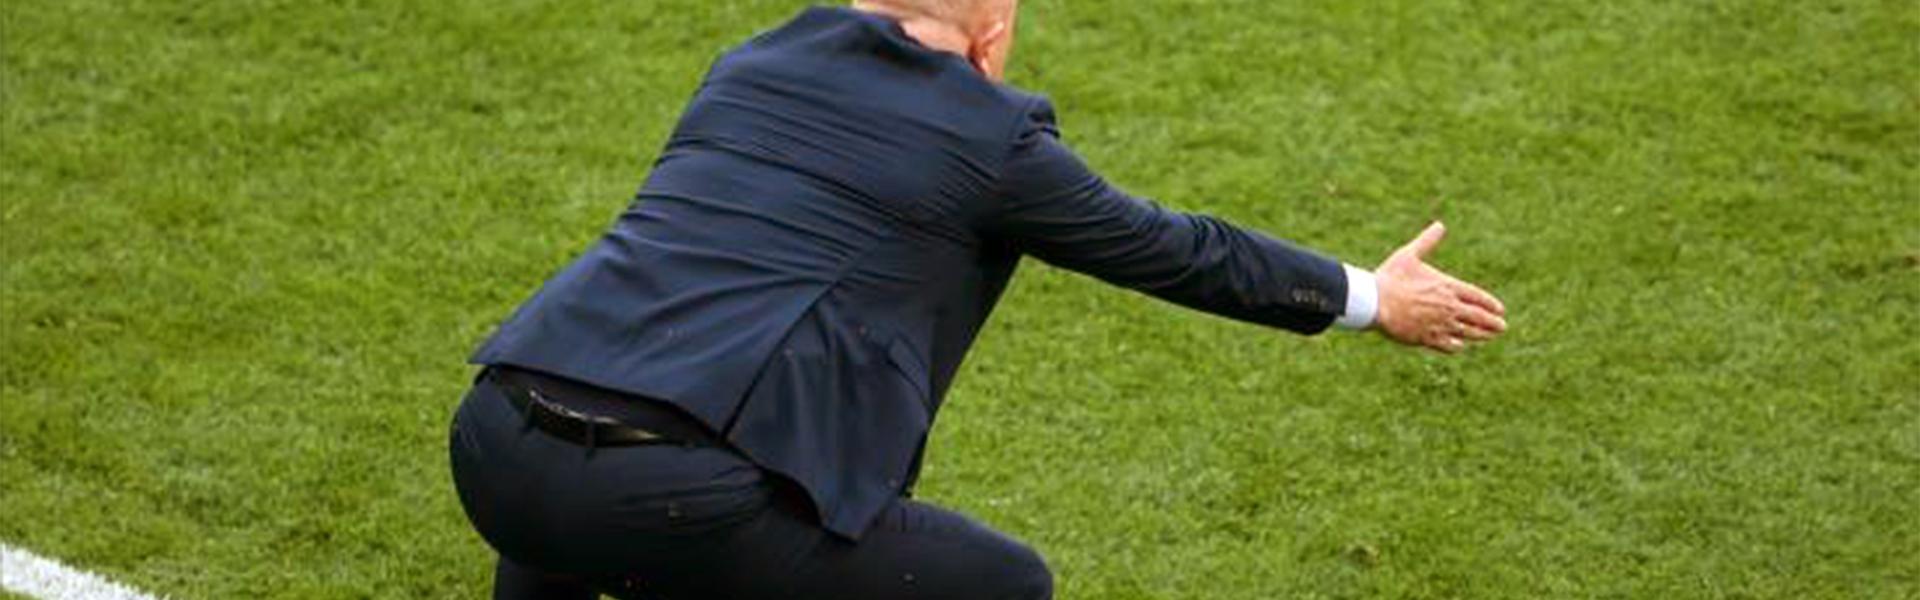 Почему сборная России проваливается (по мотивам неудачи на Евро 2020)